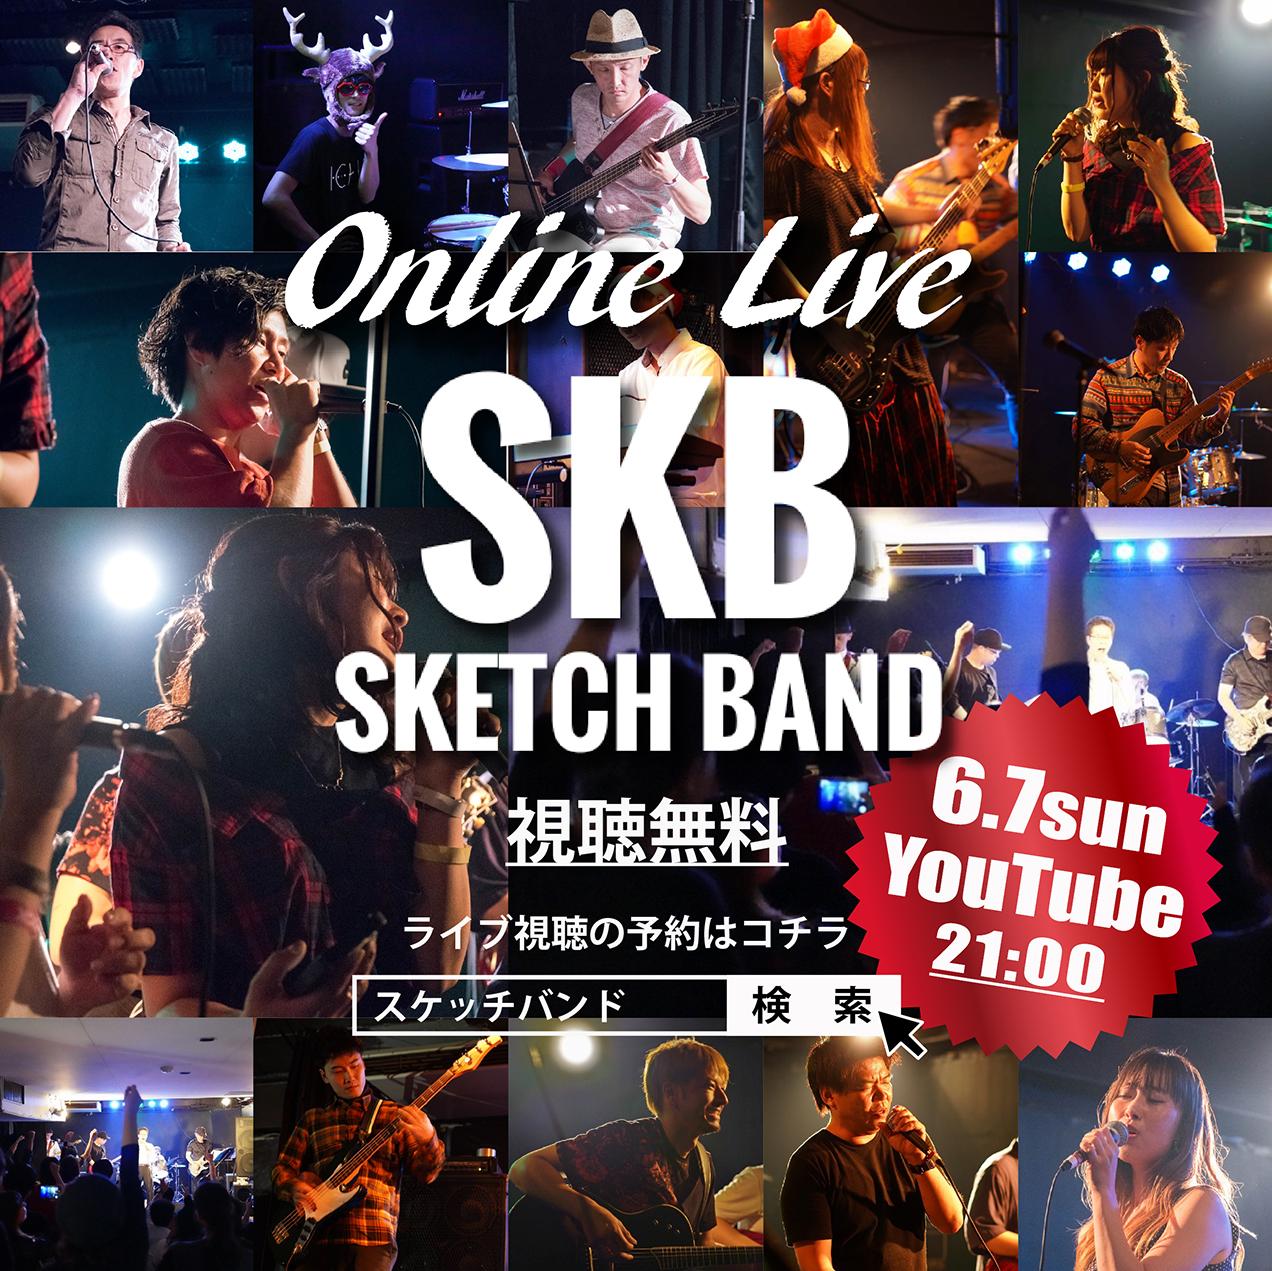 2020年6月7日(日) MUSICMEETUP ONLINE LIVE